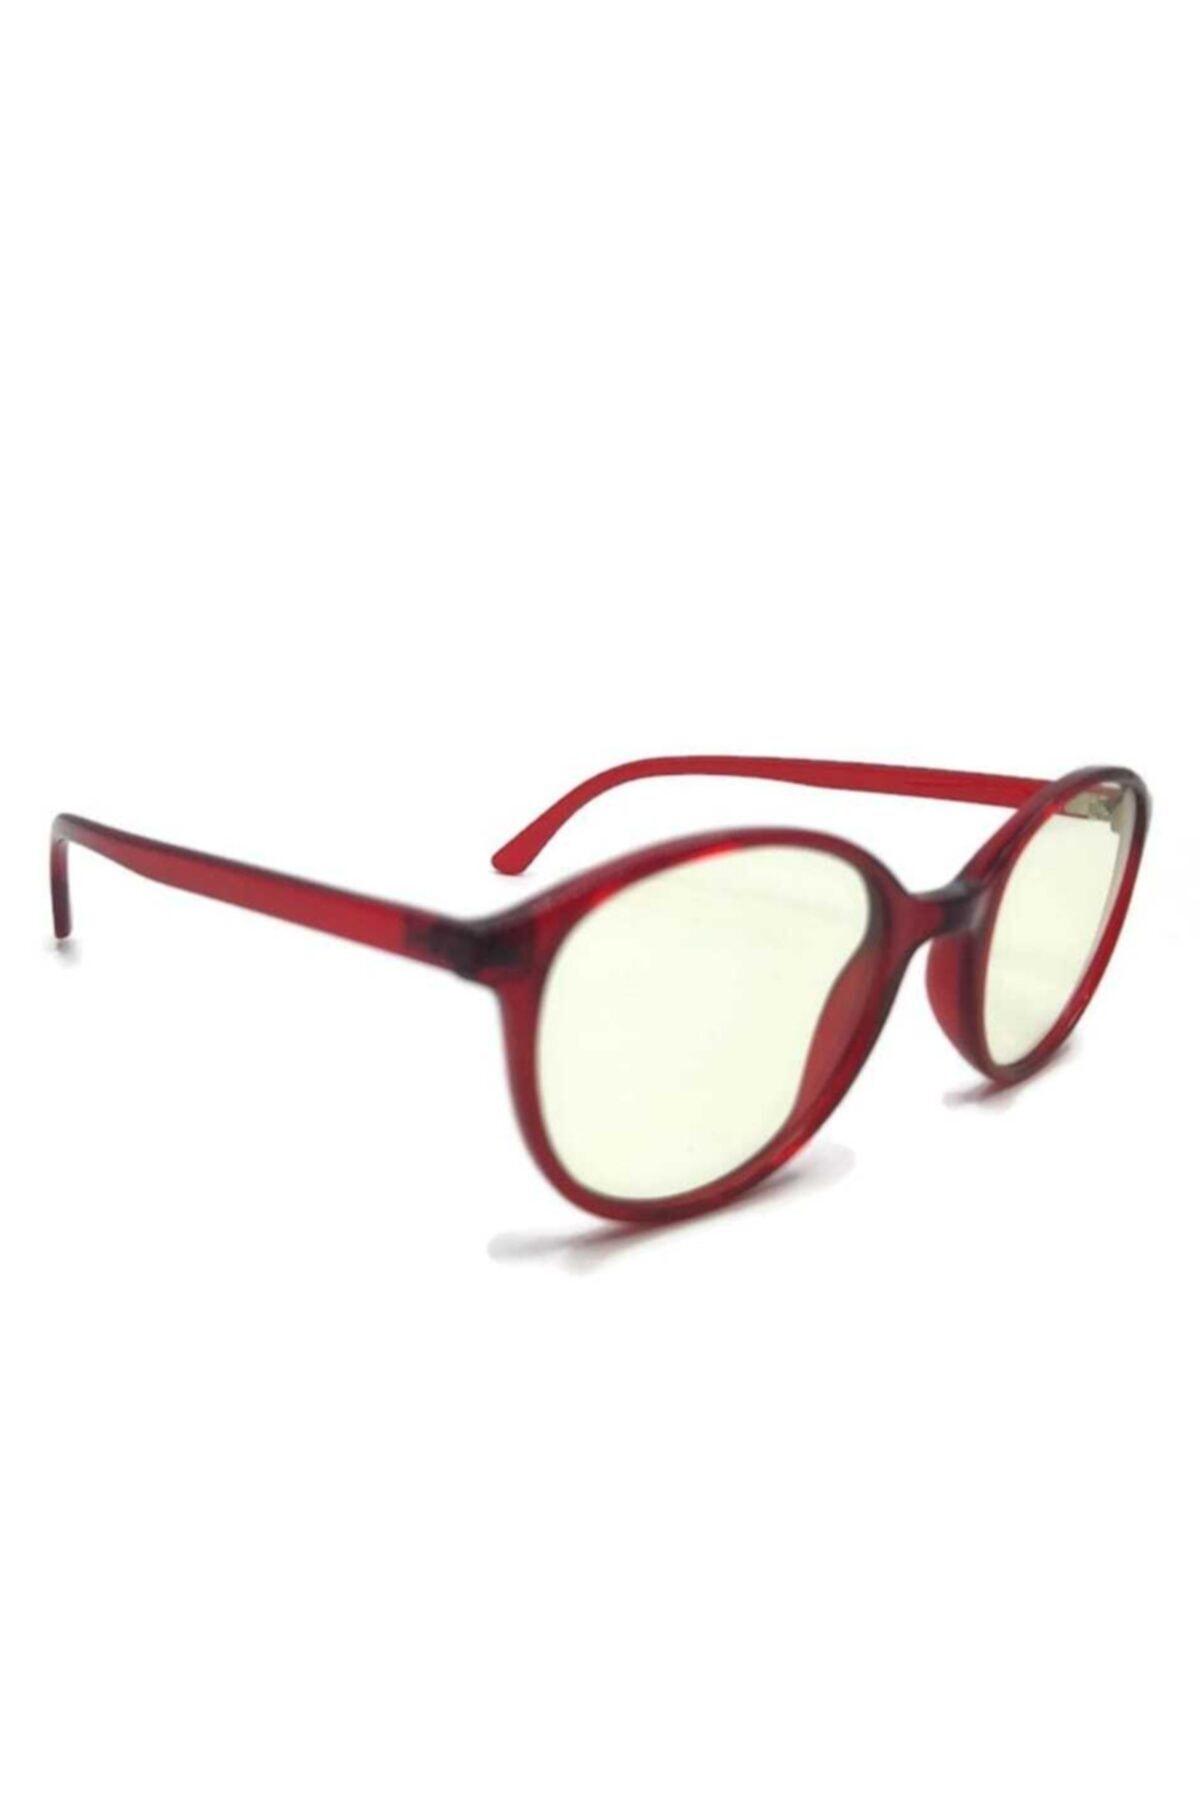 PETİTO Vega Kırmızı Mavi Işık Korumalı Ekran Gözlüğü 2